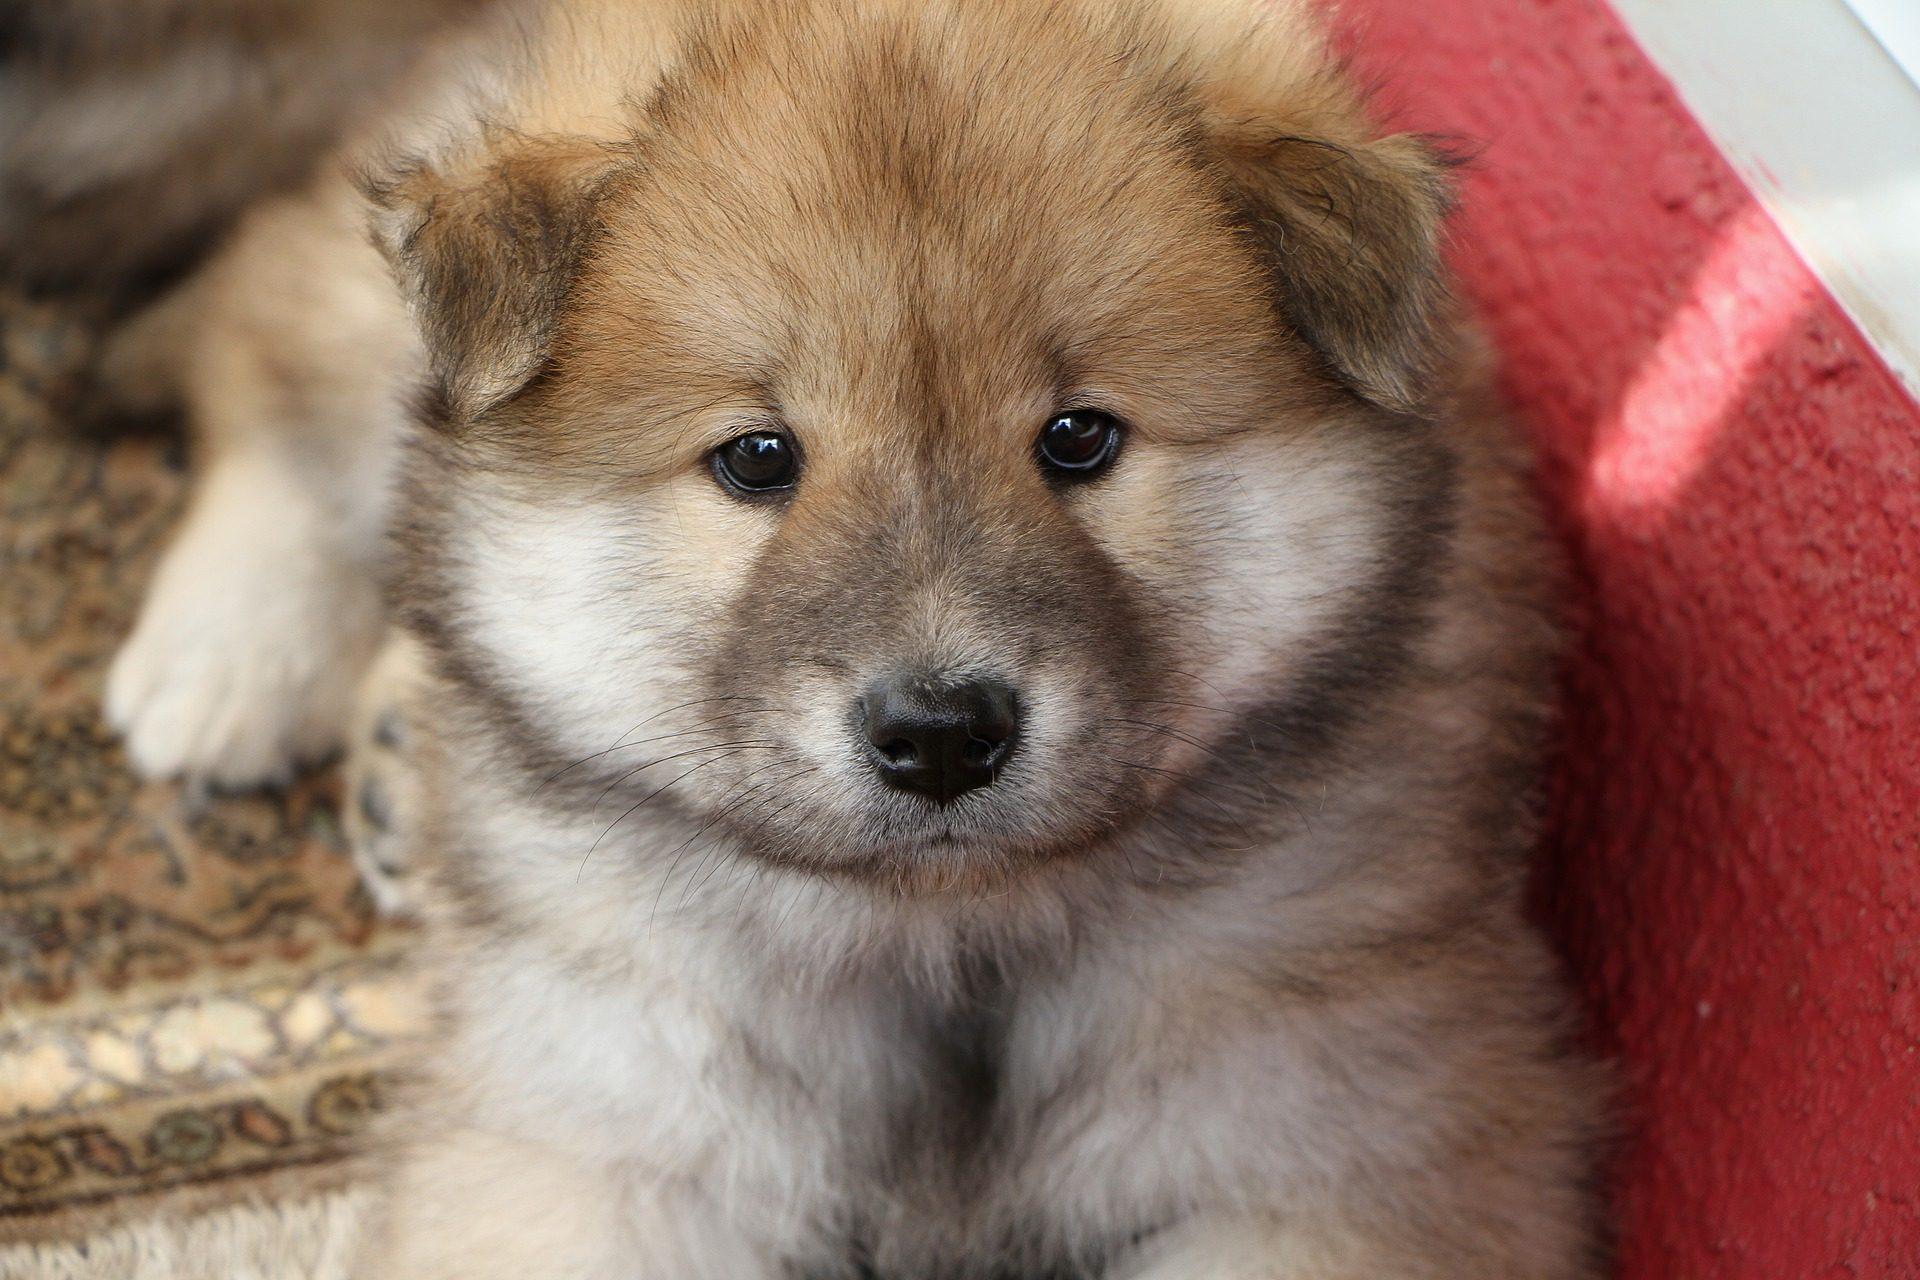 子犬, 犬, ペット, 毛皮, 外観 - HD の壁紙 - 教授-falken.com